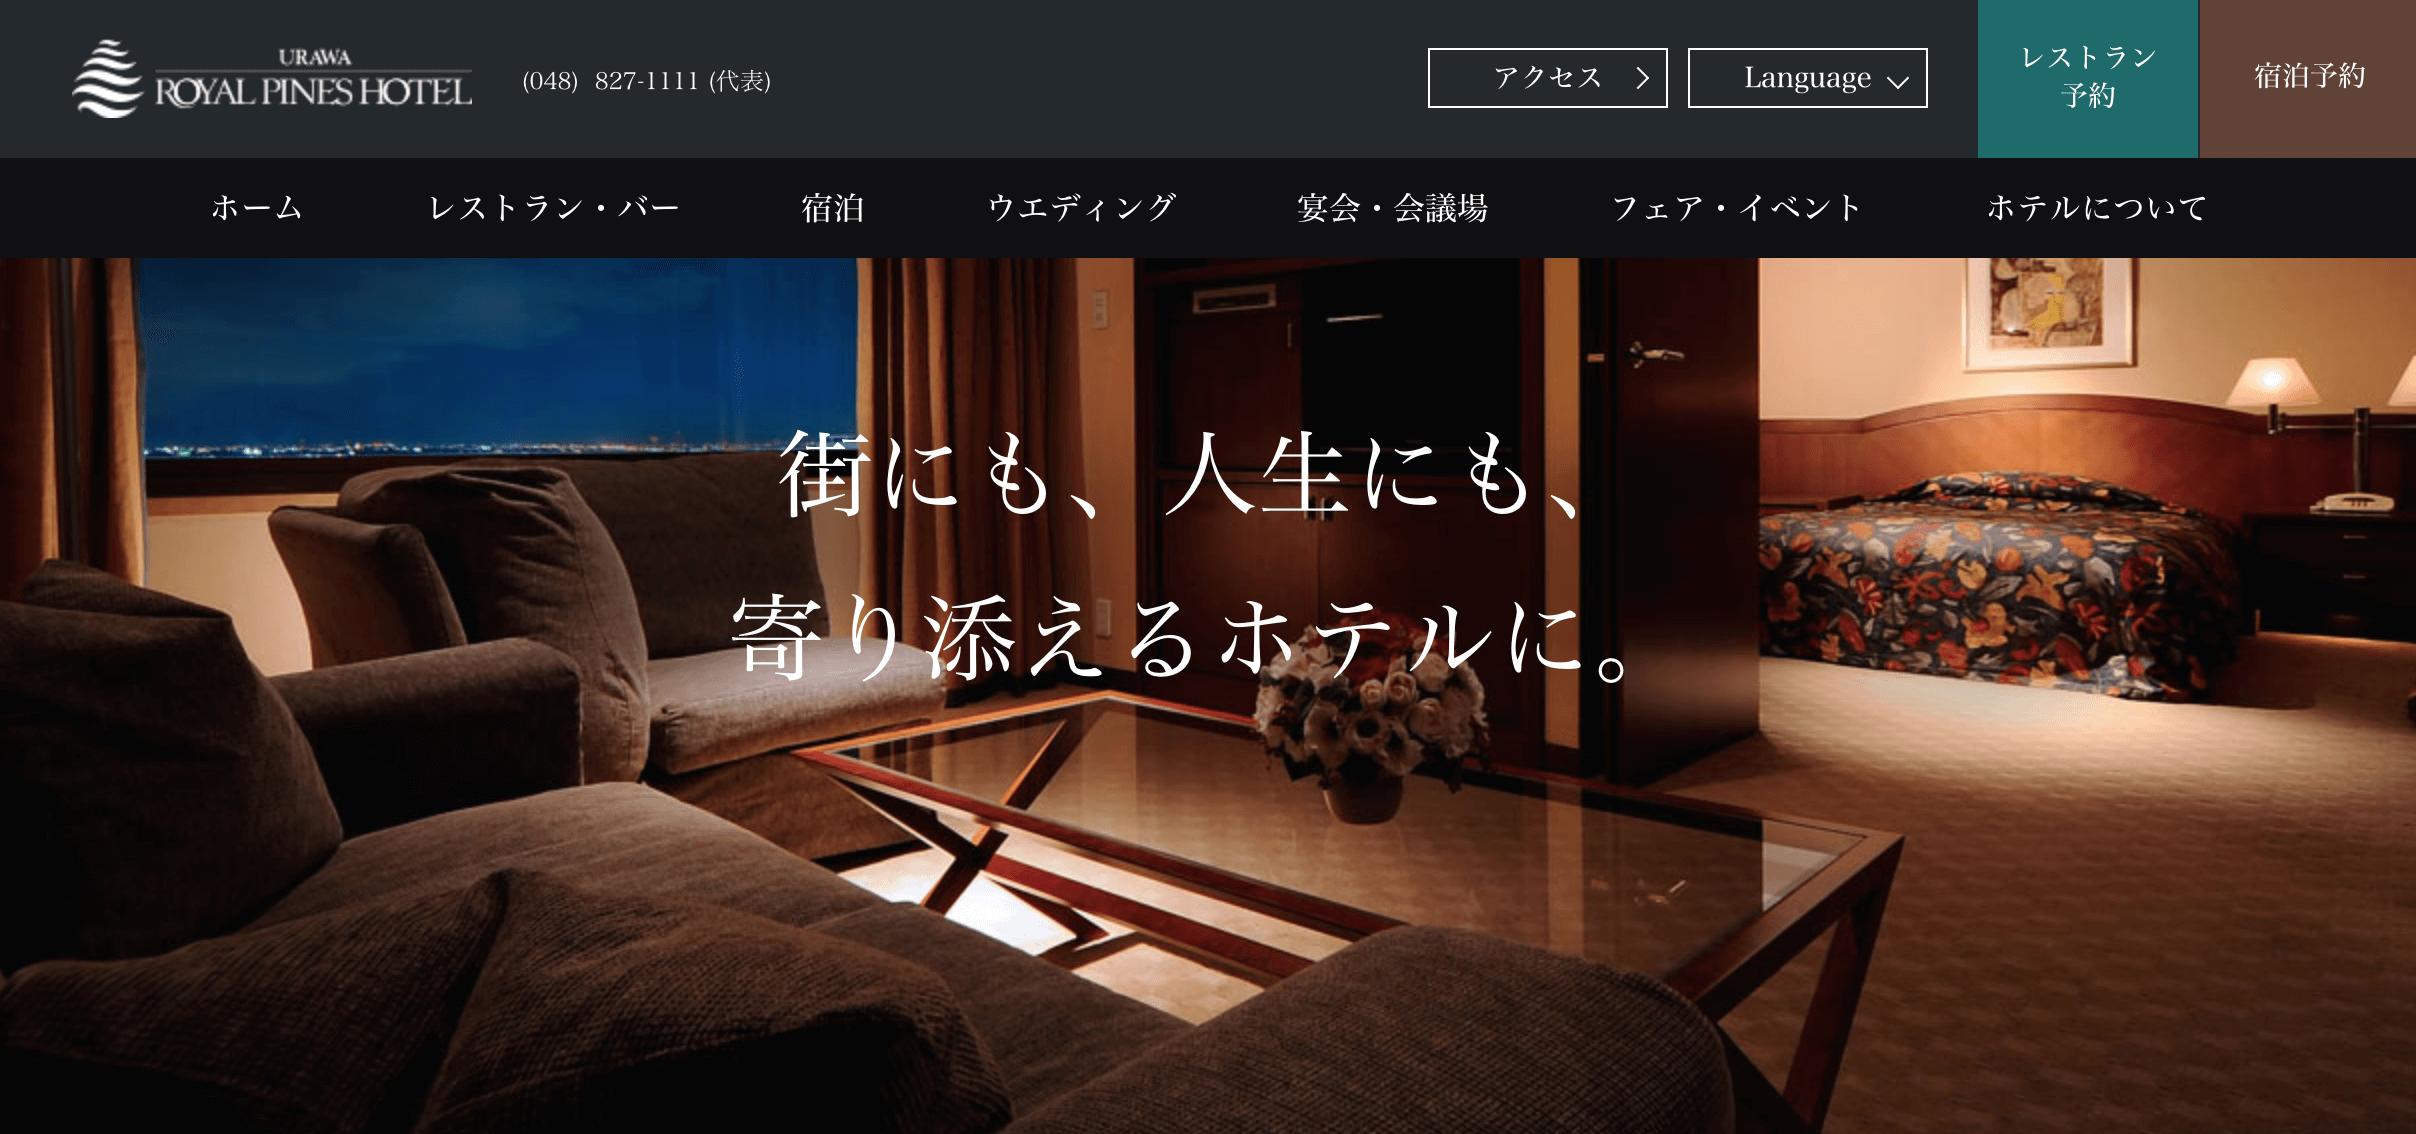 埼玉でパパ活におすすめなホテル「浦和ロイヤルパインズホテル」